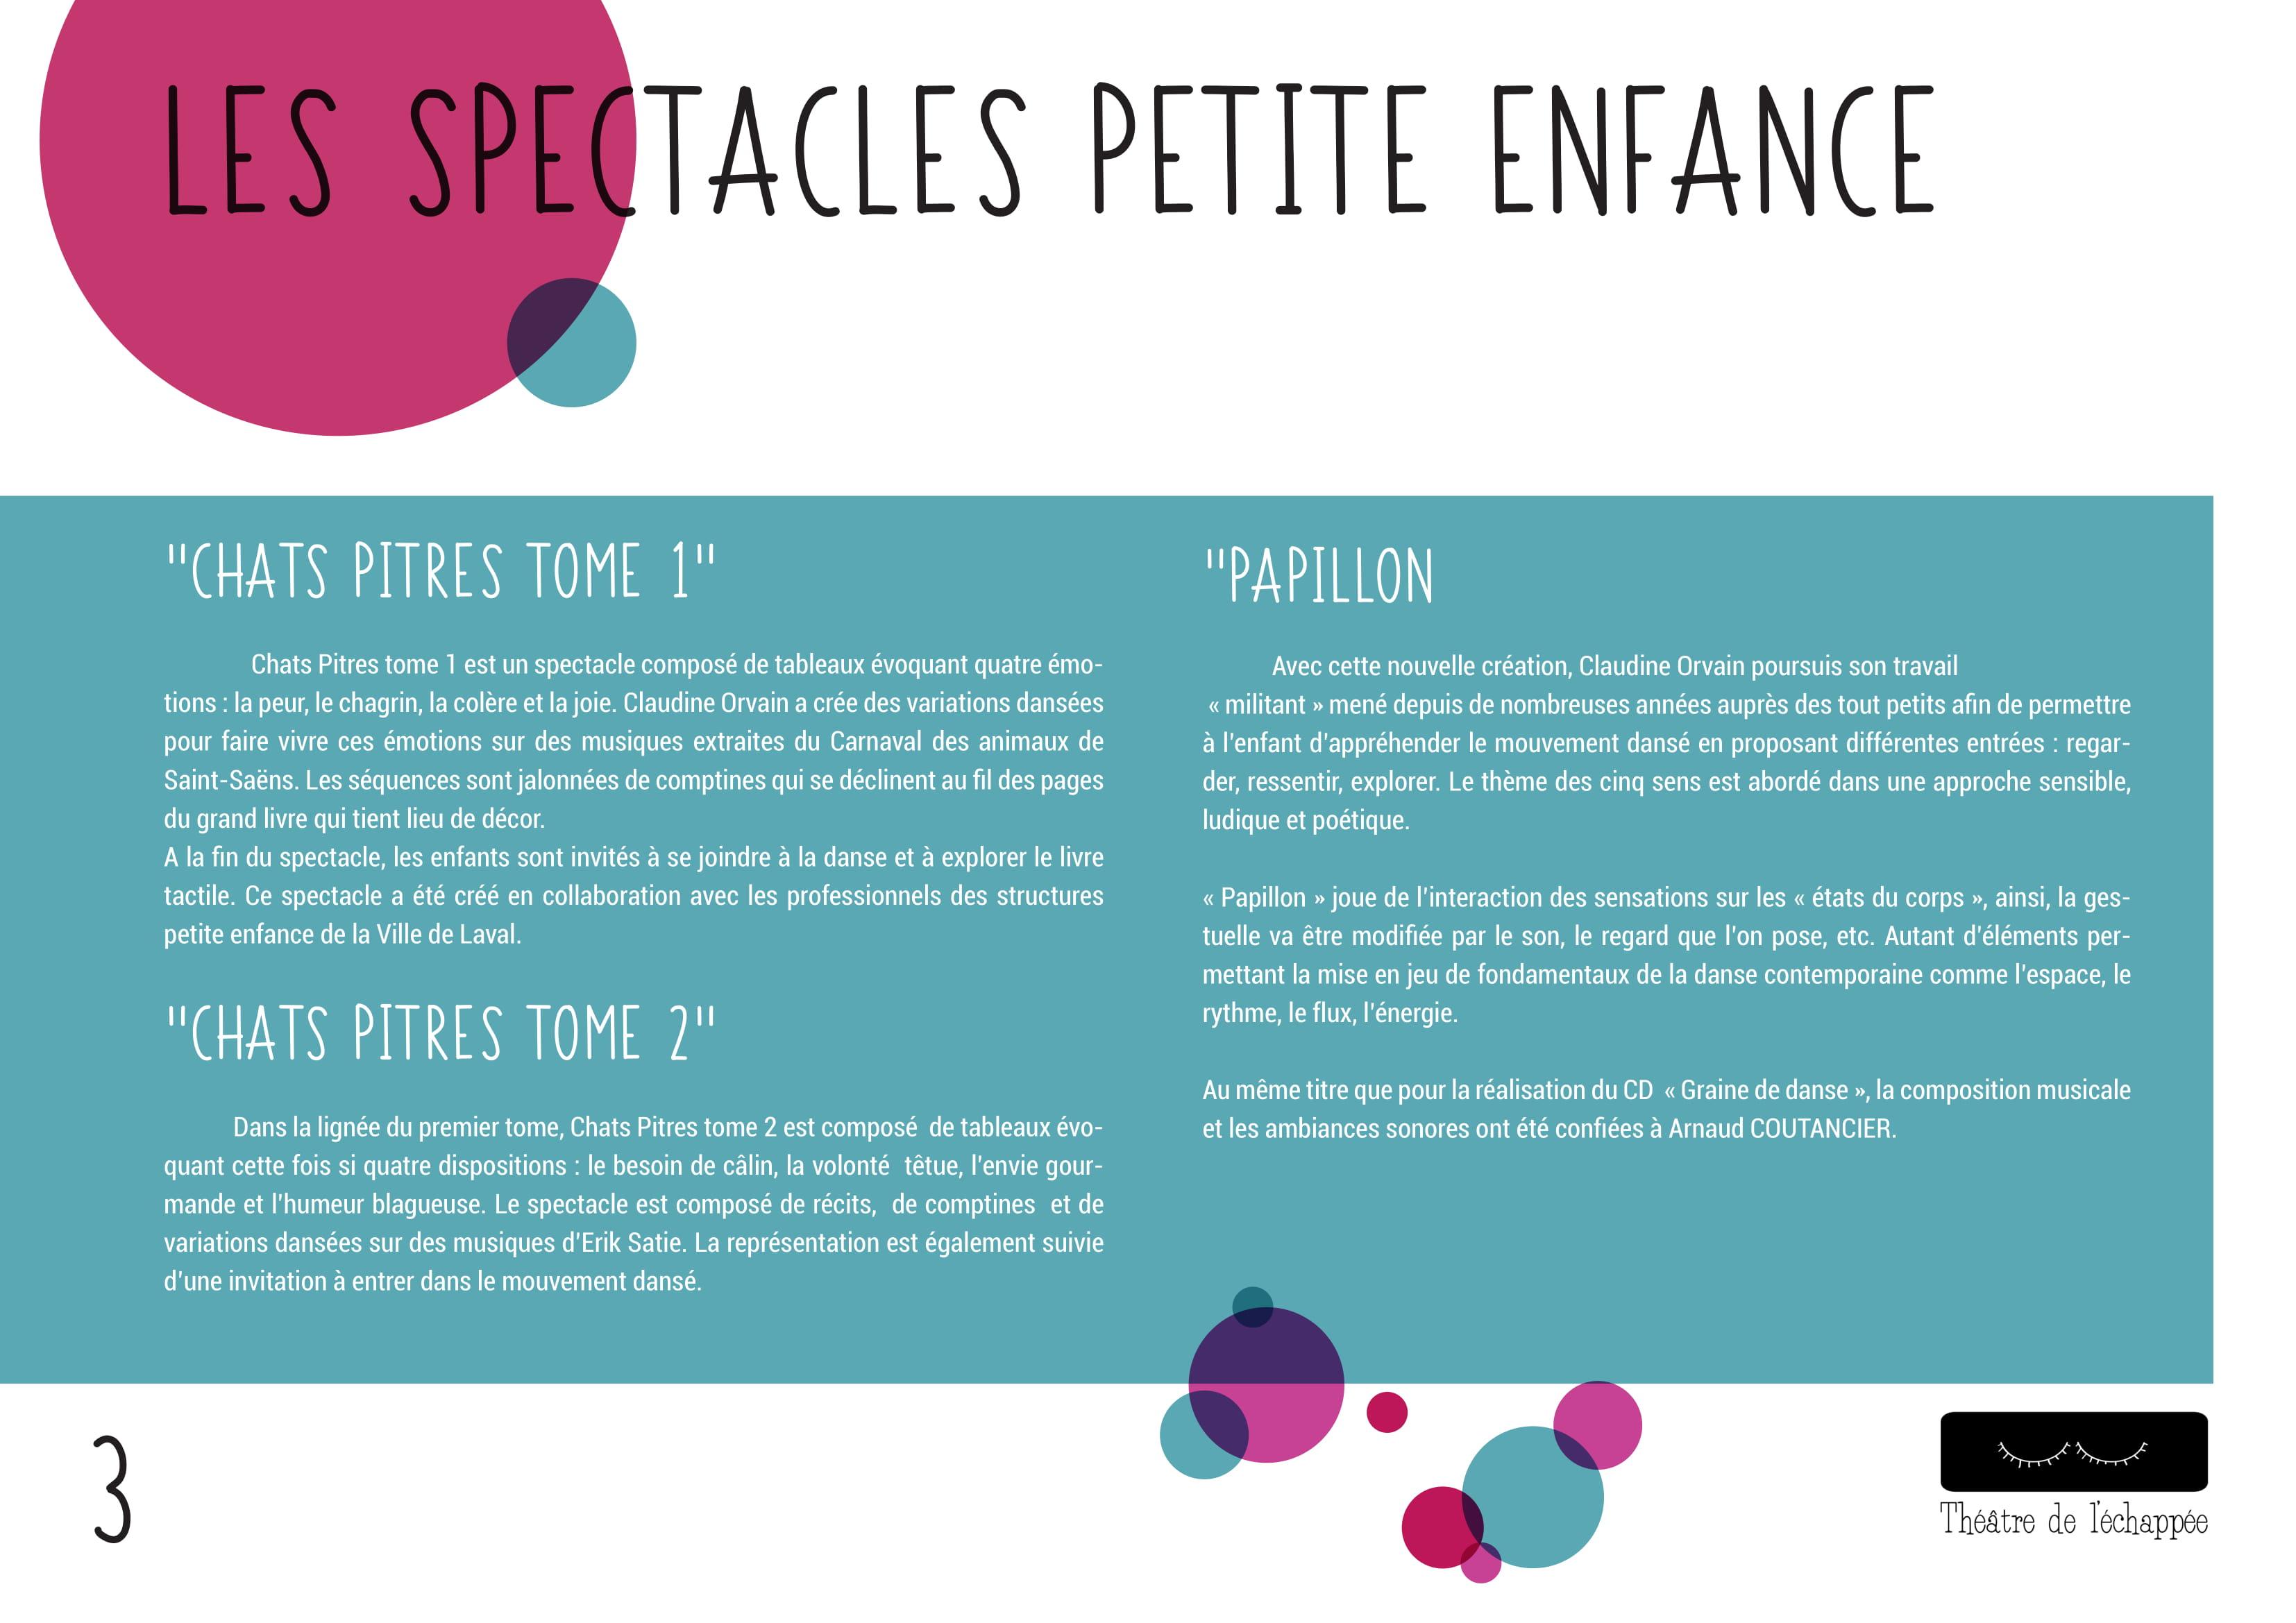 dossier de presse Petite Enfance-5